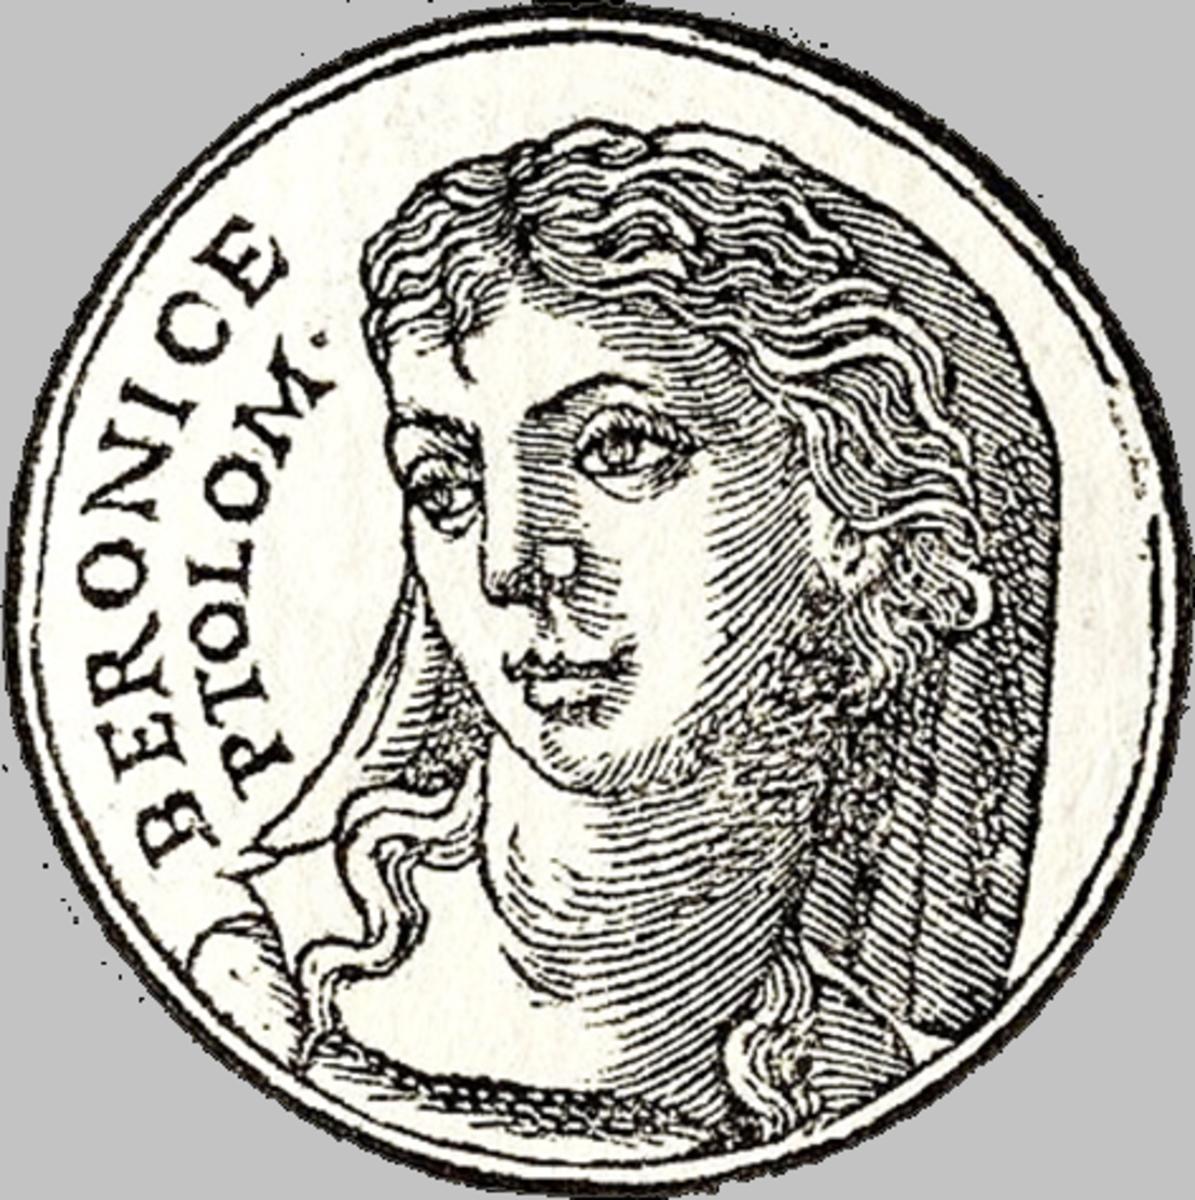 Berenice I - Queen of Egypt